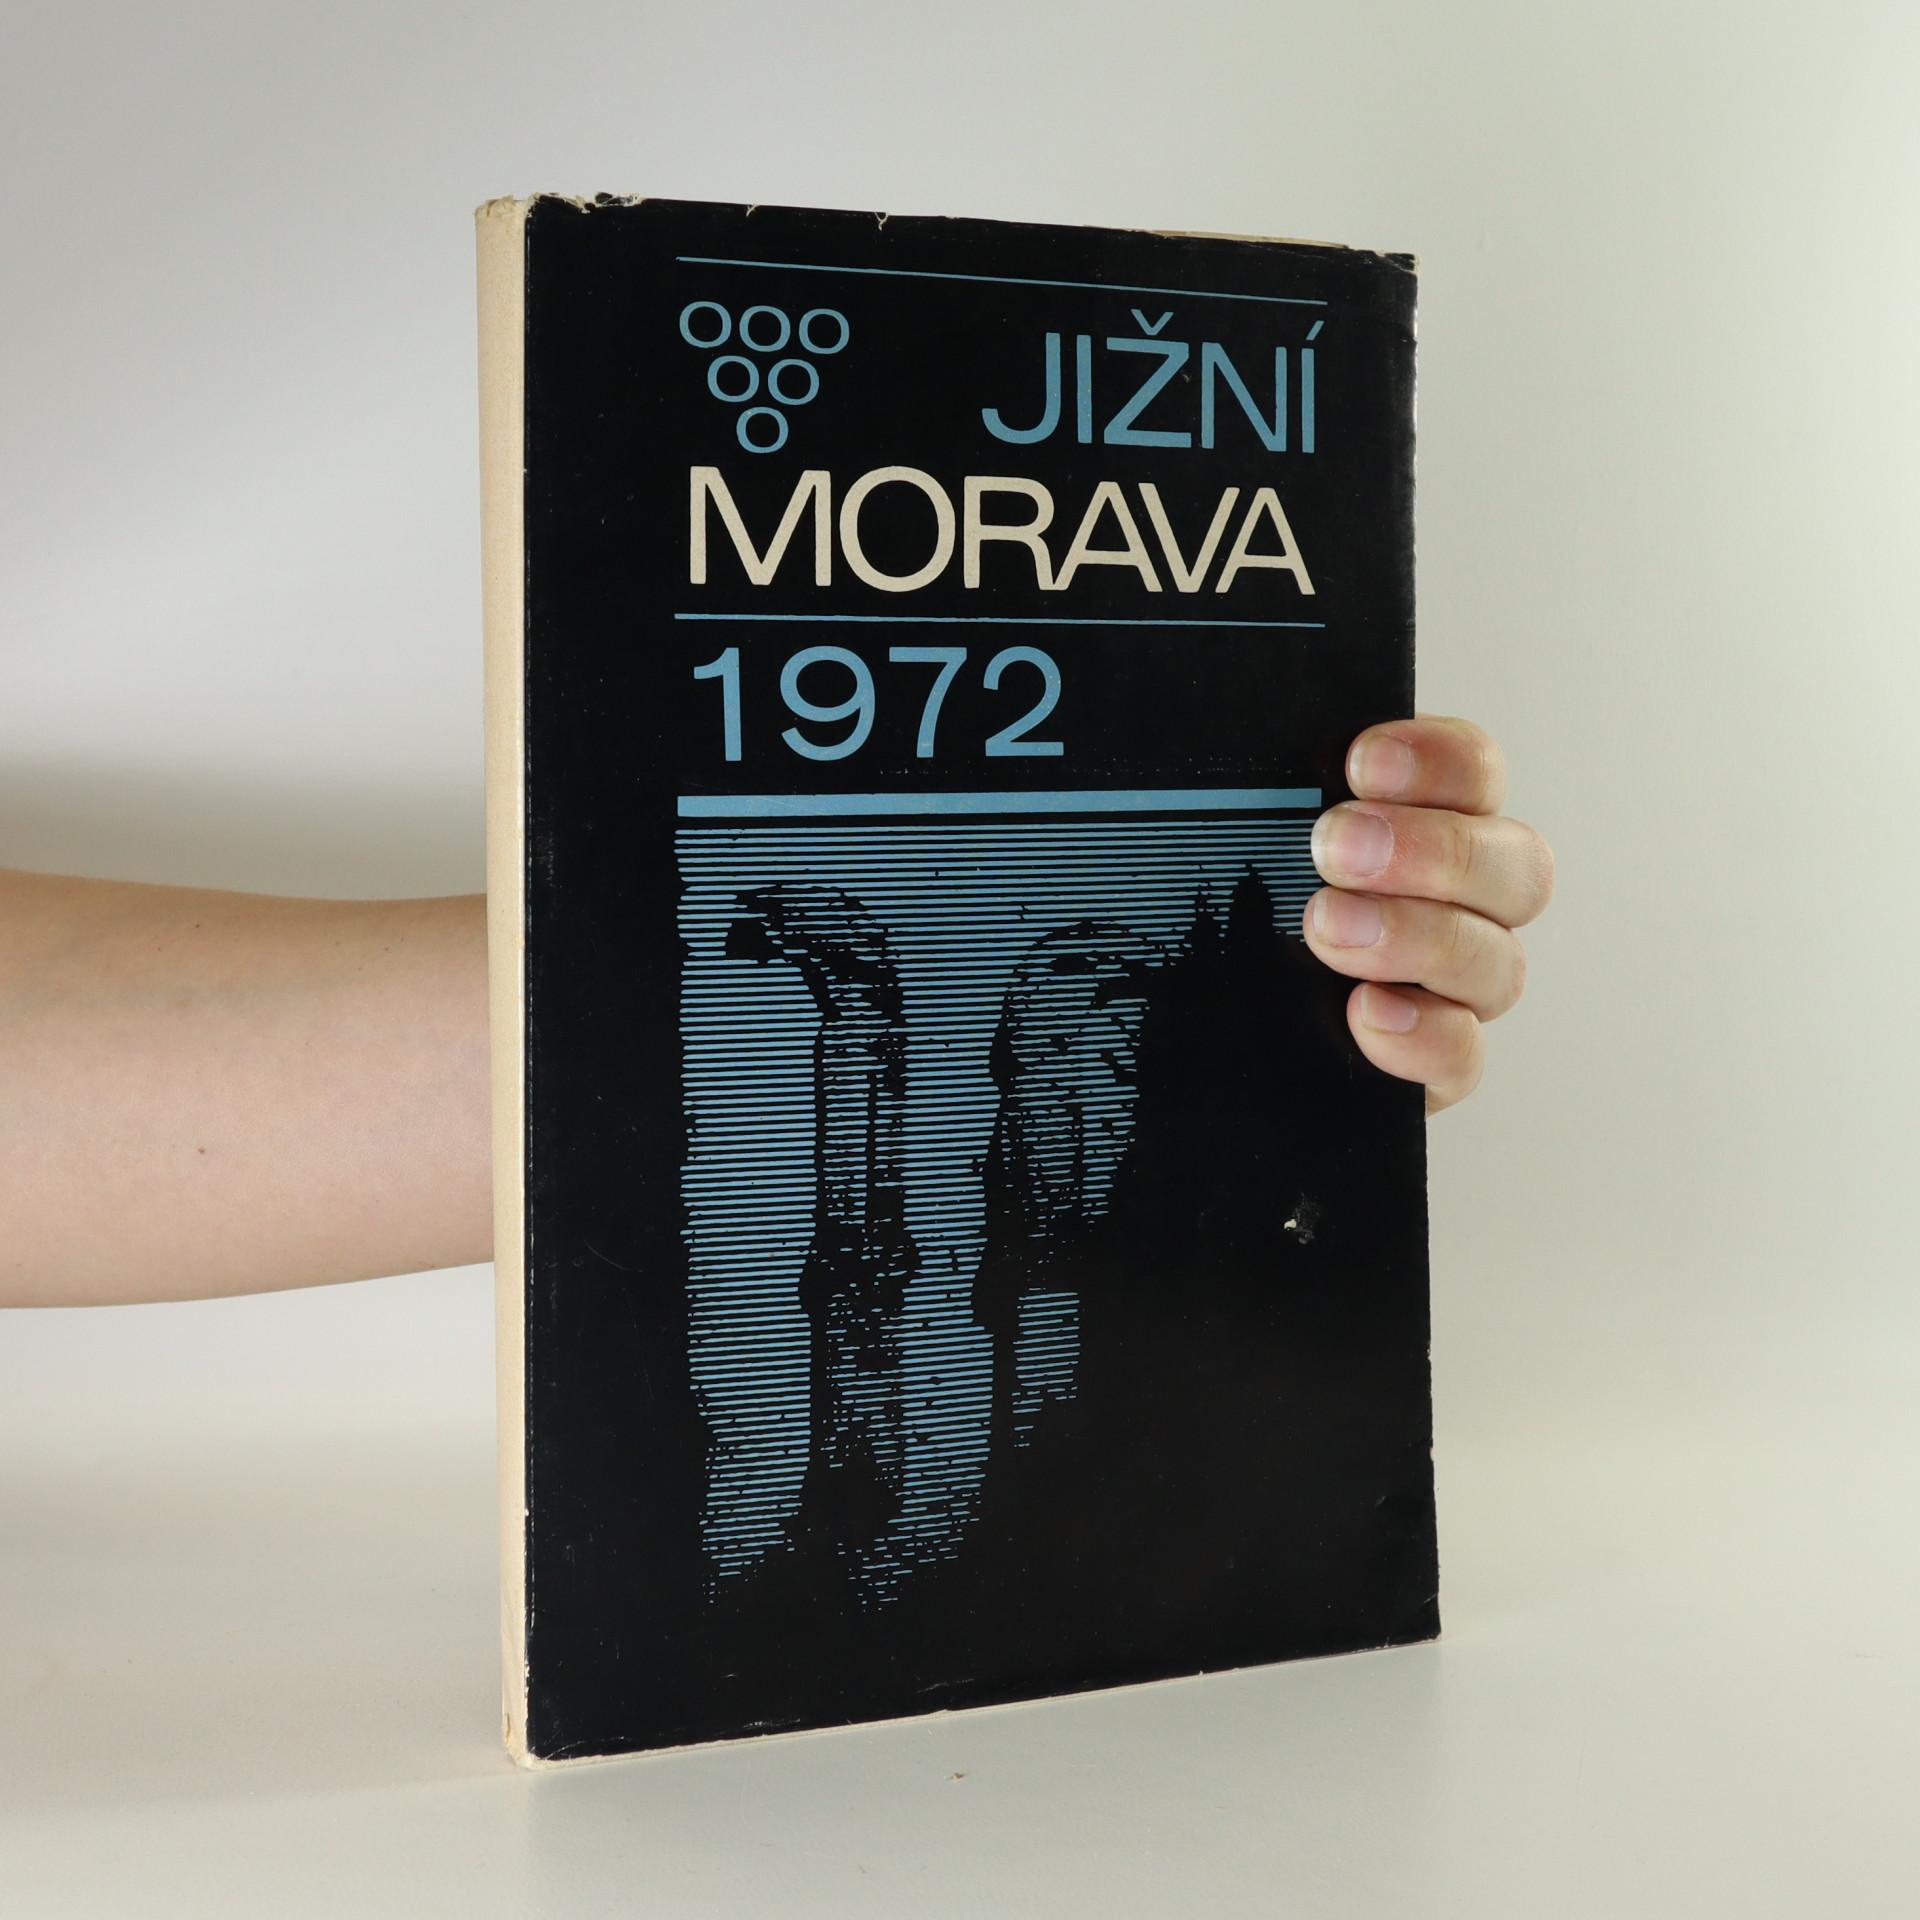 antikvární kniha Jižní Morava 1972, 1972